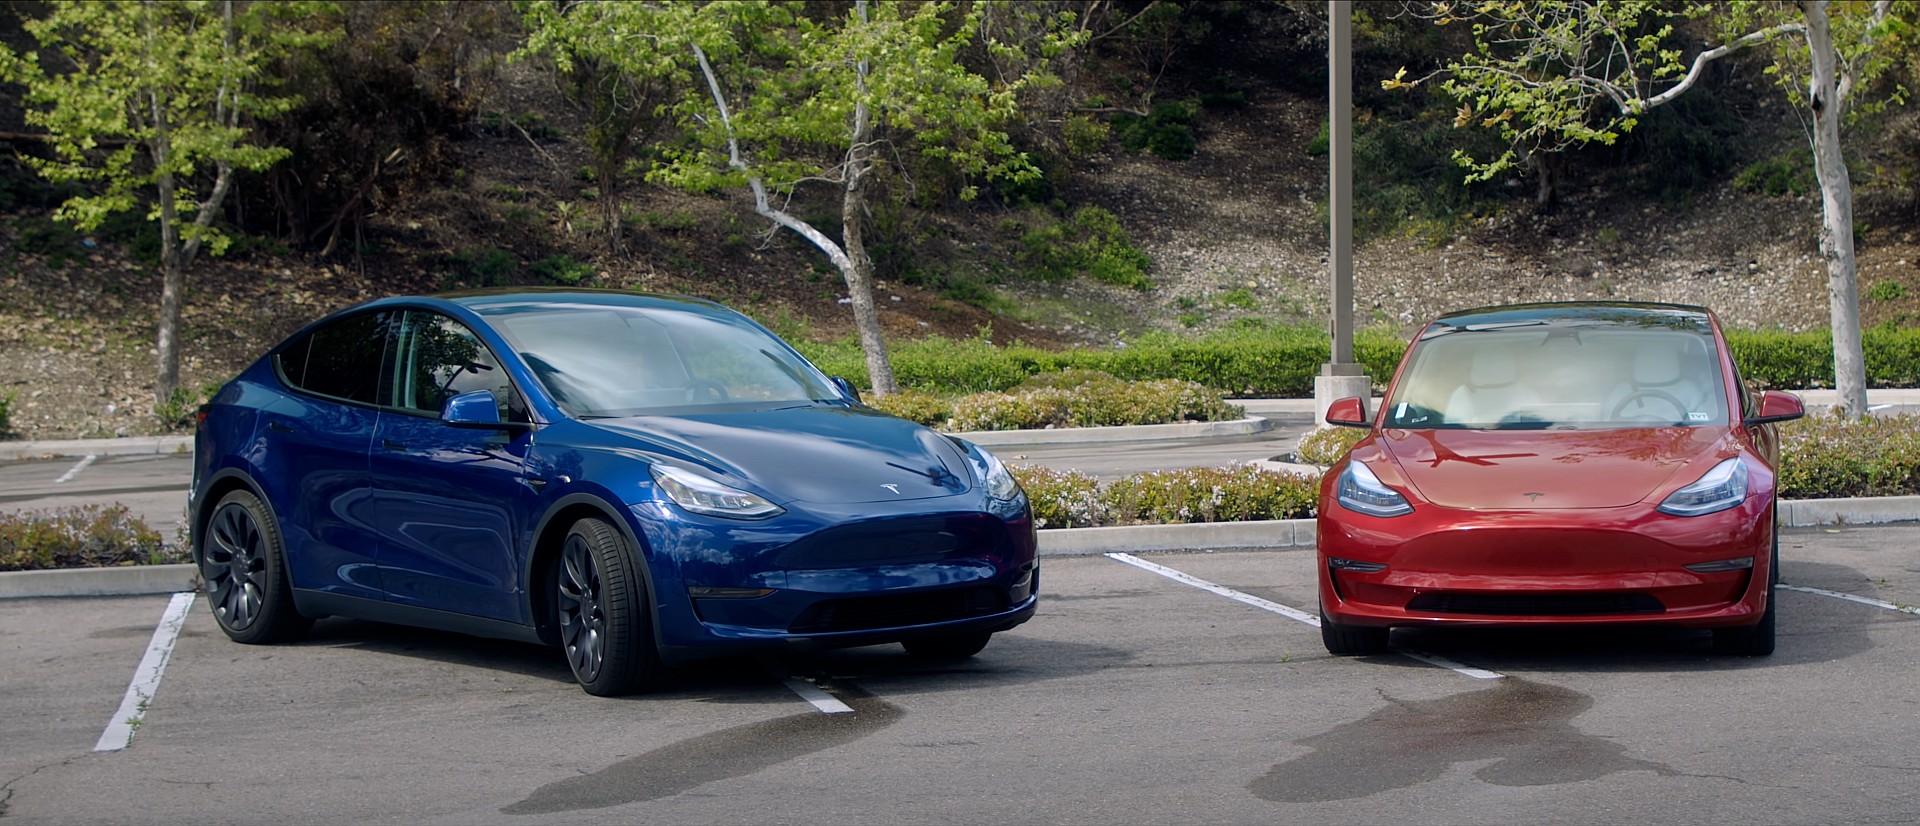 Tesla Model 3 и Model Y занимают два из трех ведущих мировых мест продаж электромобилей